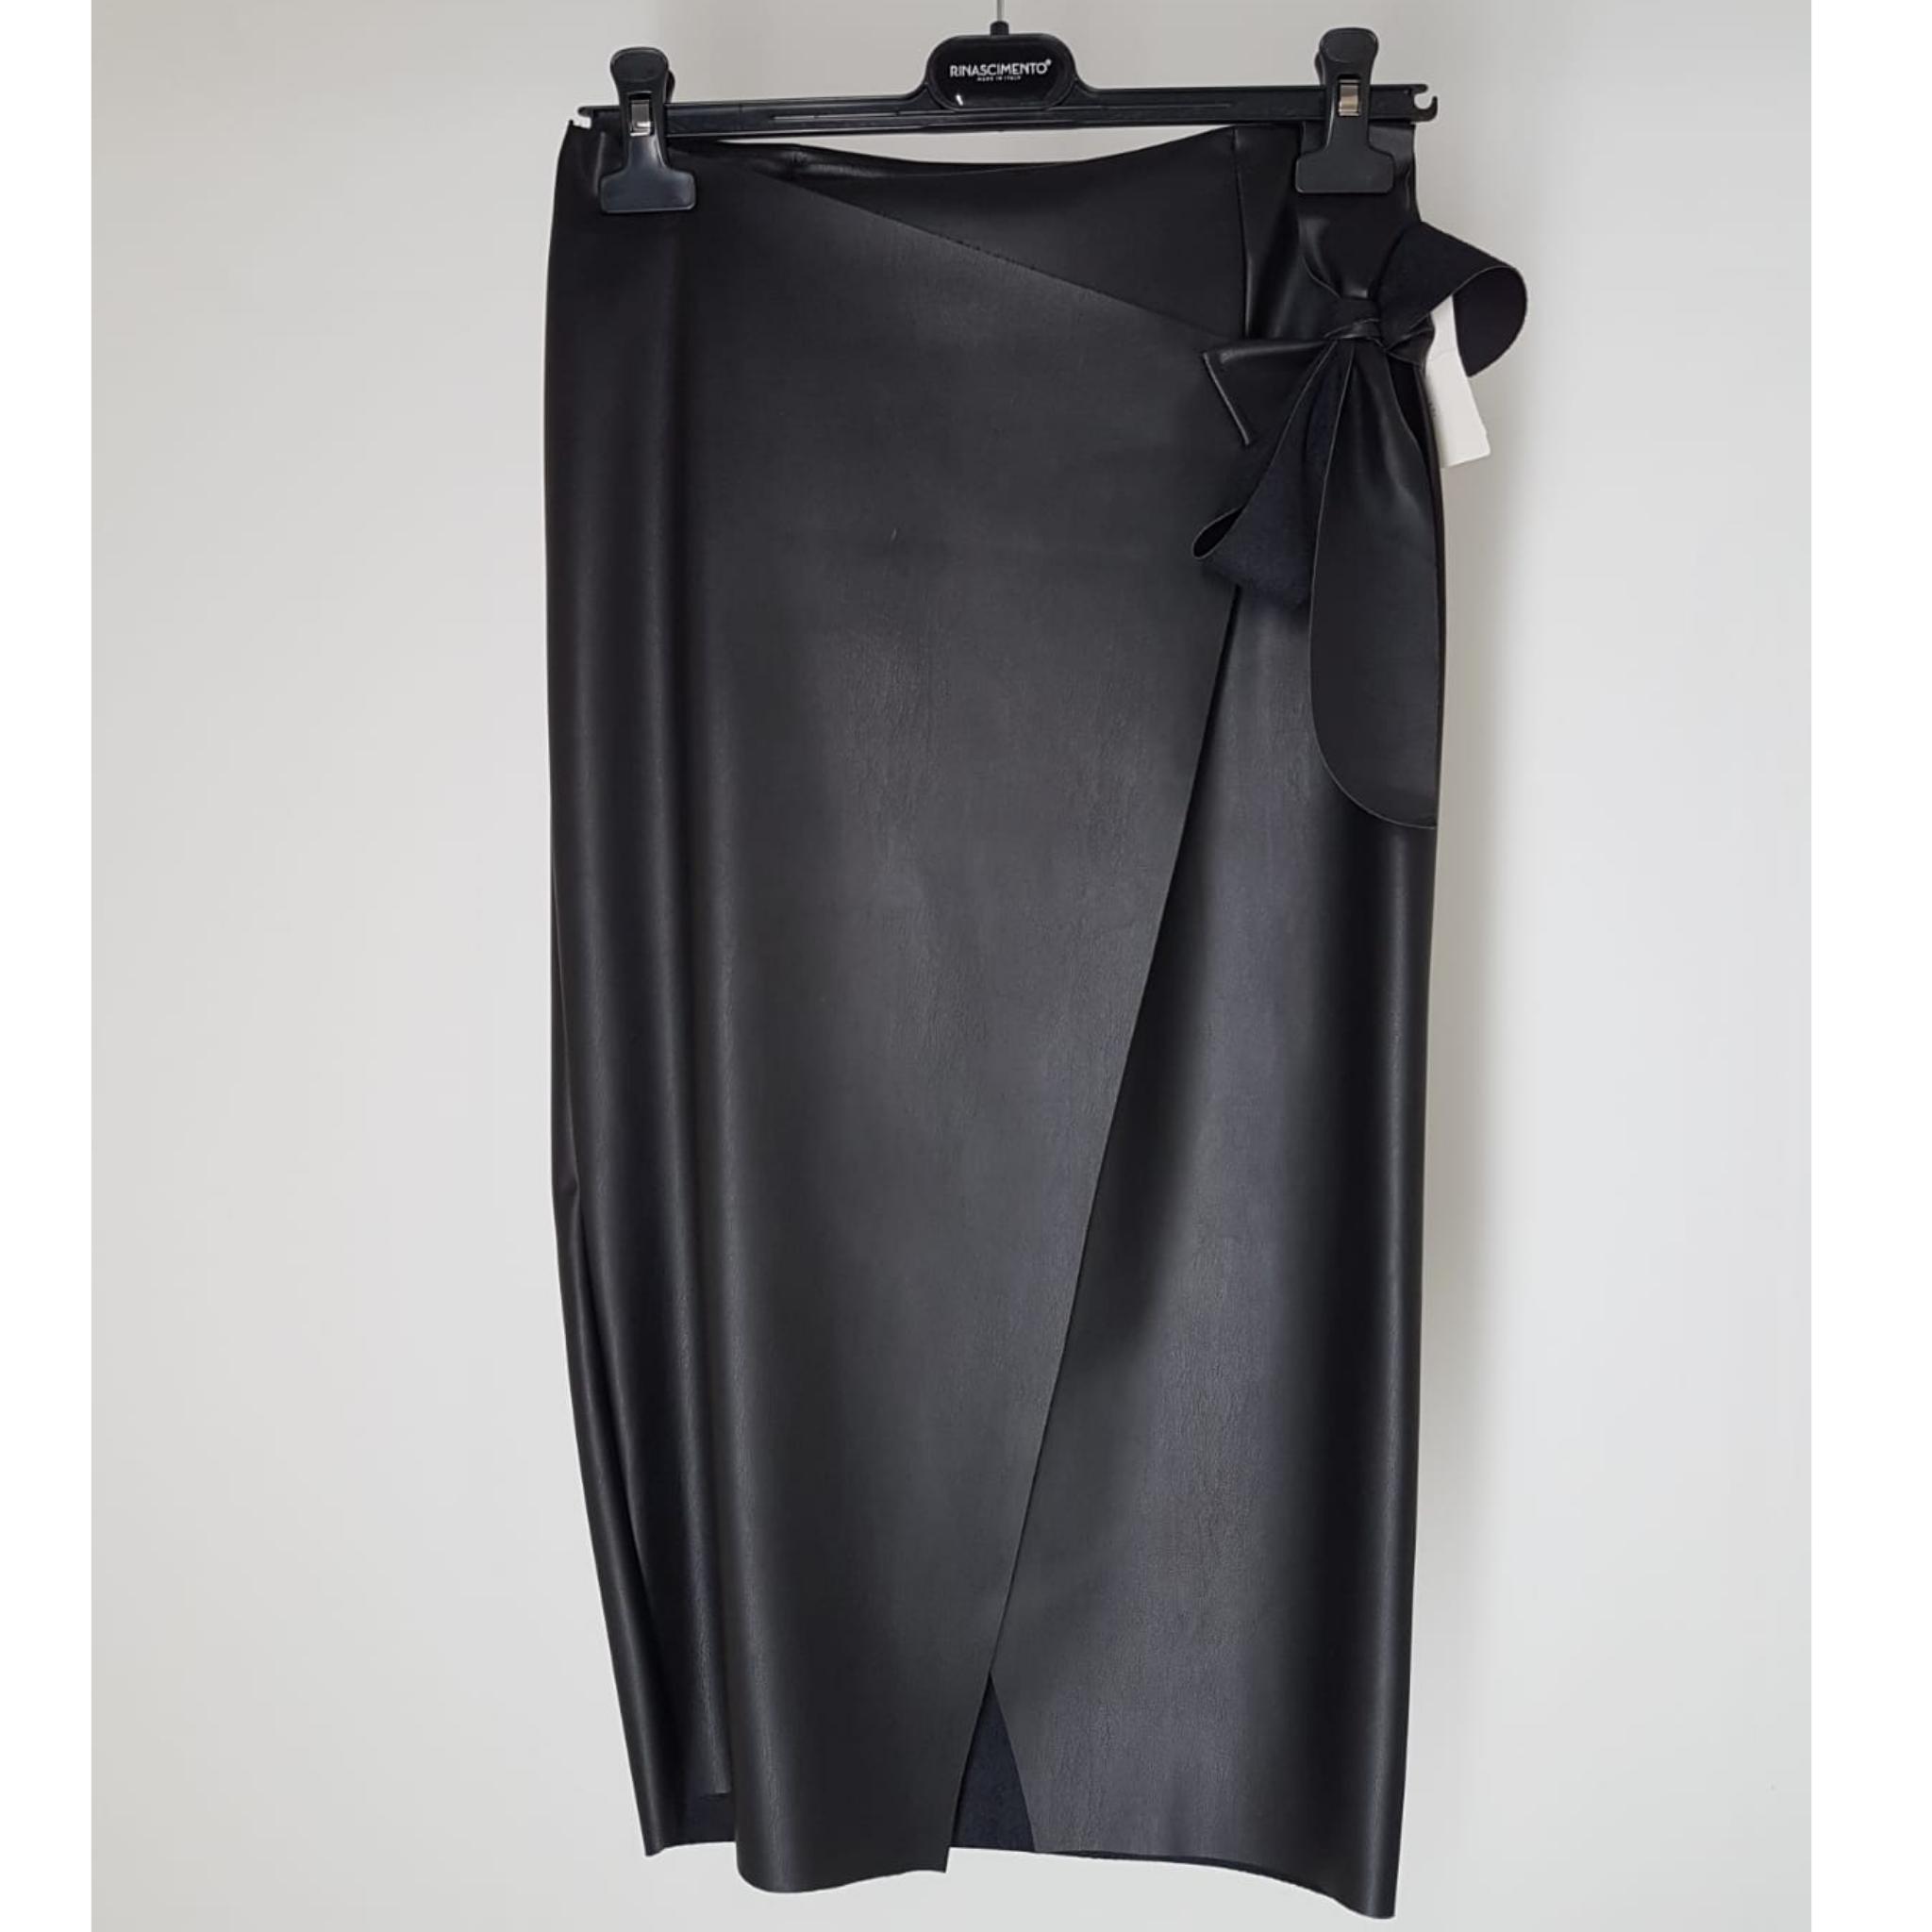 dd8f9ce5ae60 Sukňa čierna koženková zavinovacia na mašľu